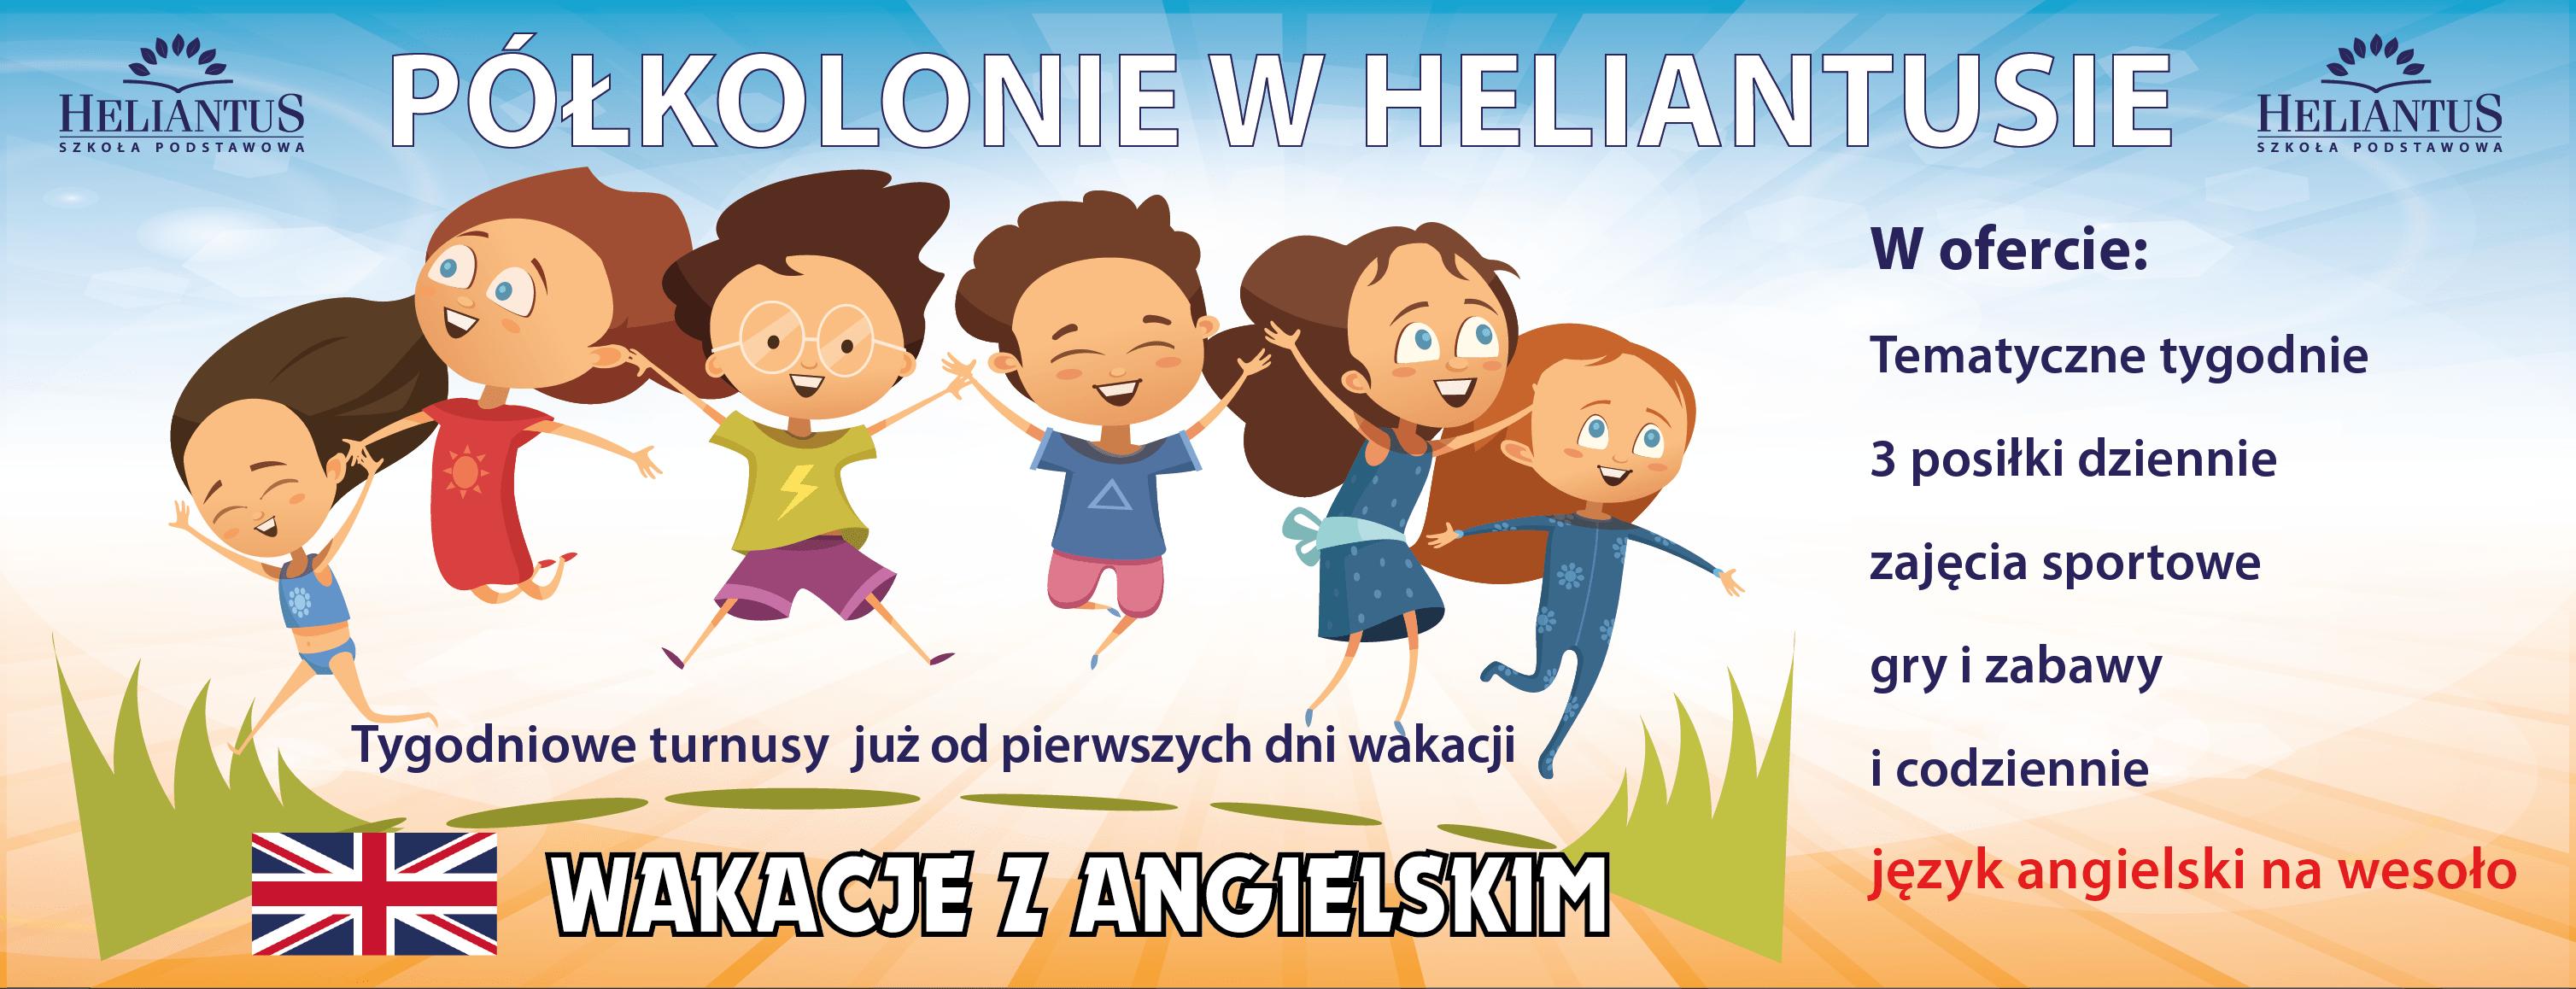 Półkolonie w Heliantusie 2021